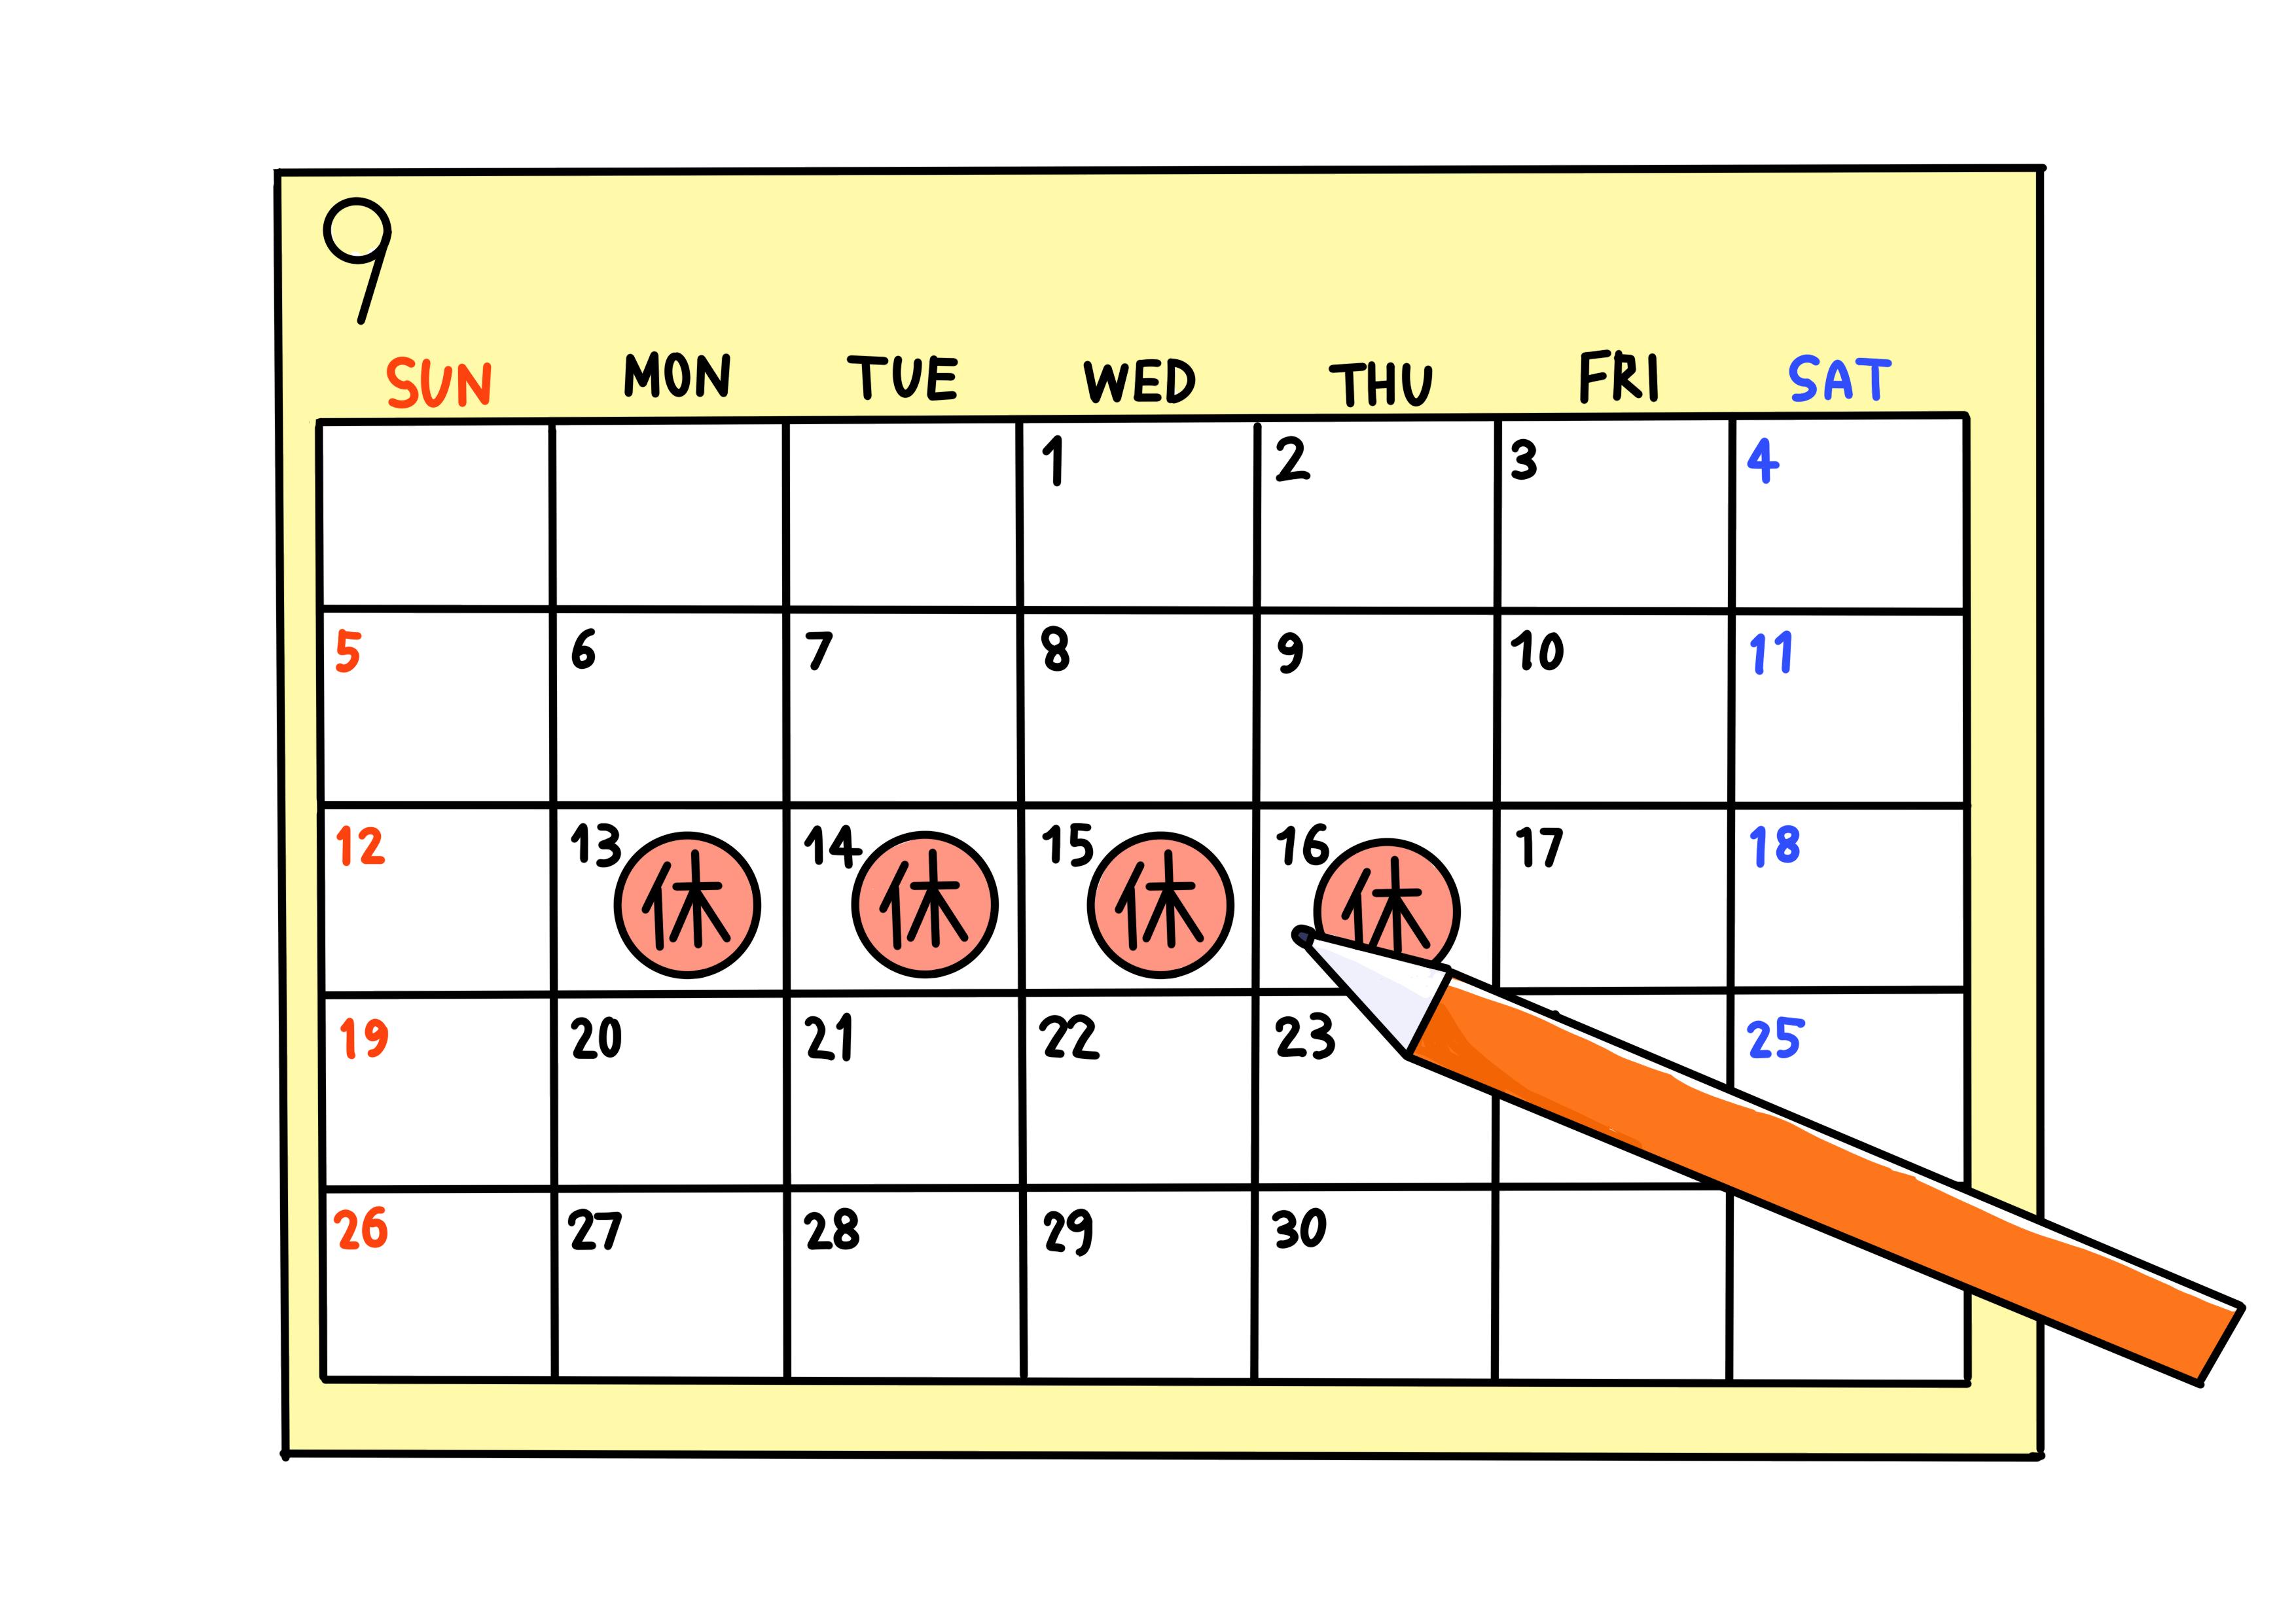 31課イラスト【カレンダーに書き込む】